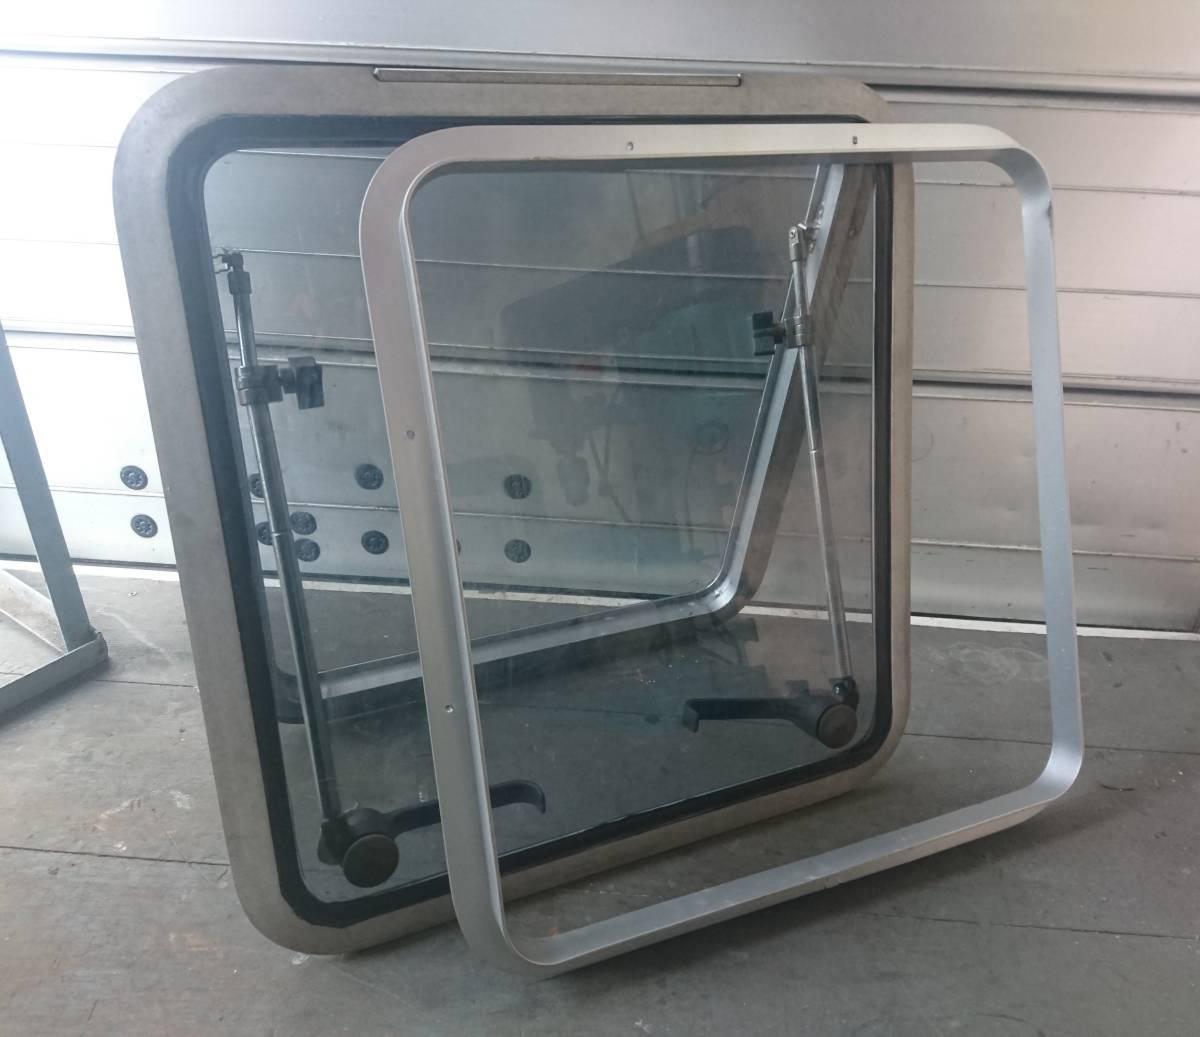 ハッチ トリムリング付き アルミハッチ 窓 強化ガラス 中古_画像1